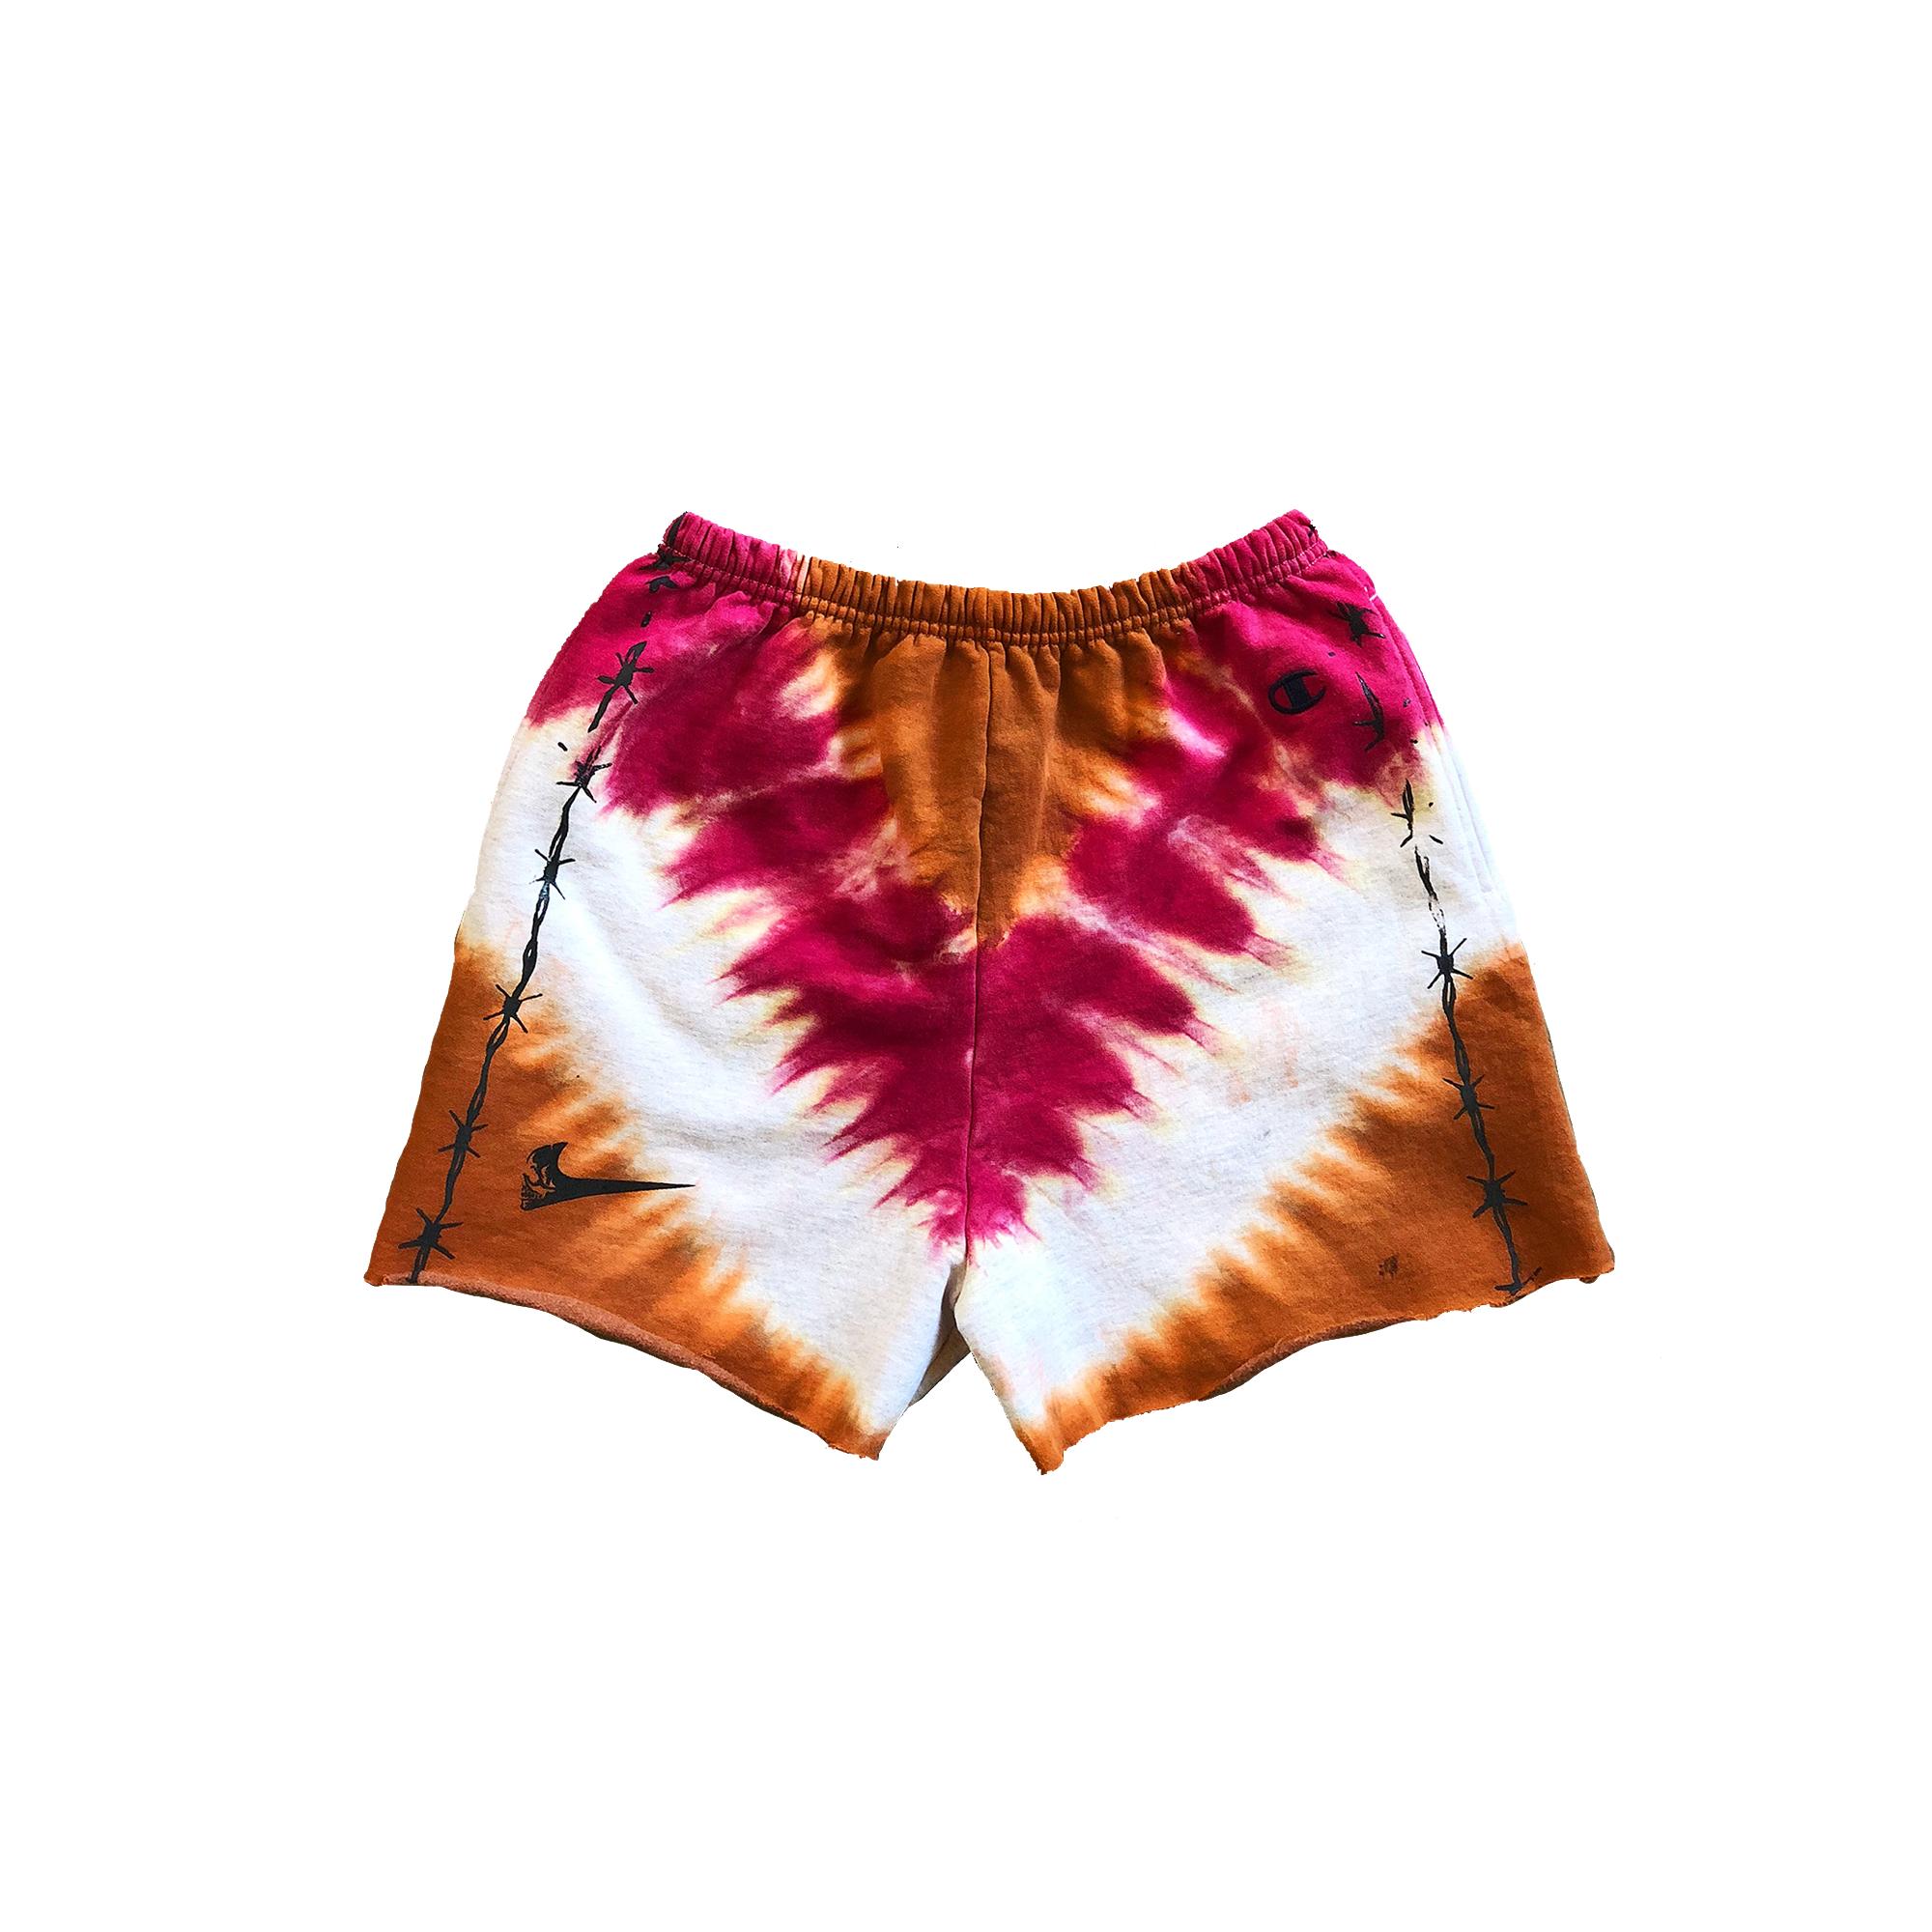 Shorts-1.png